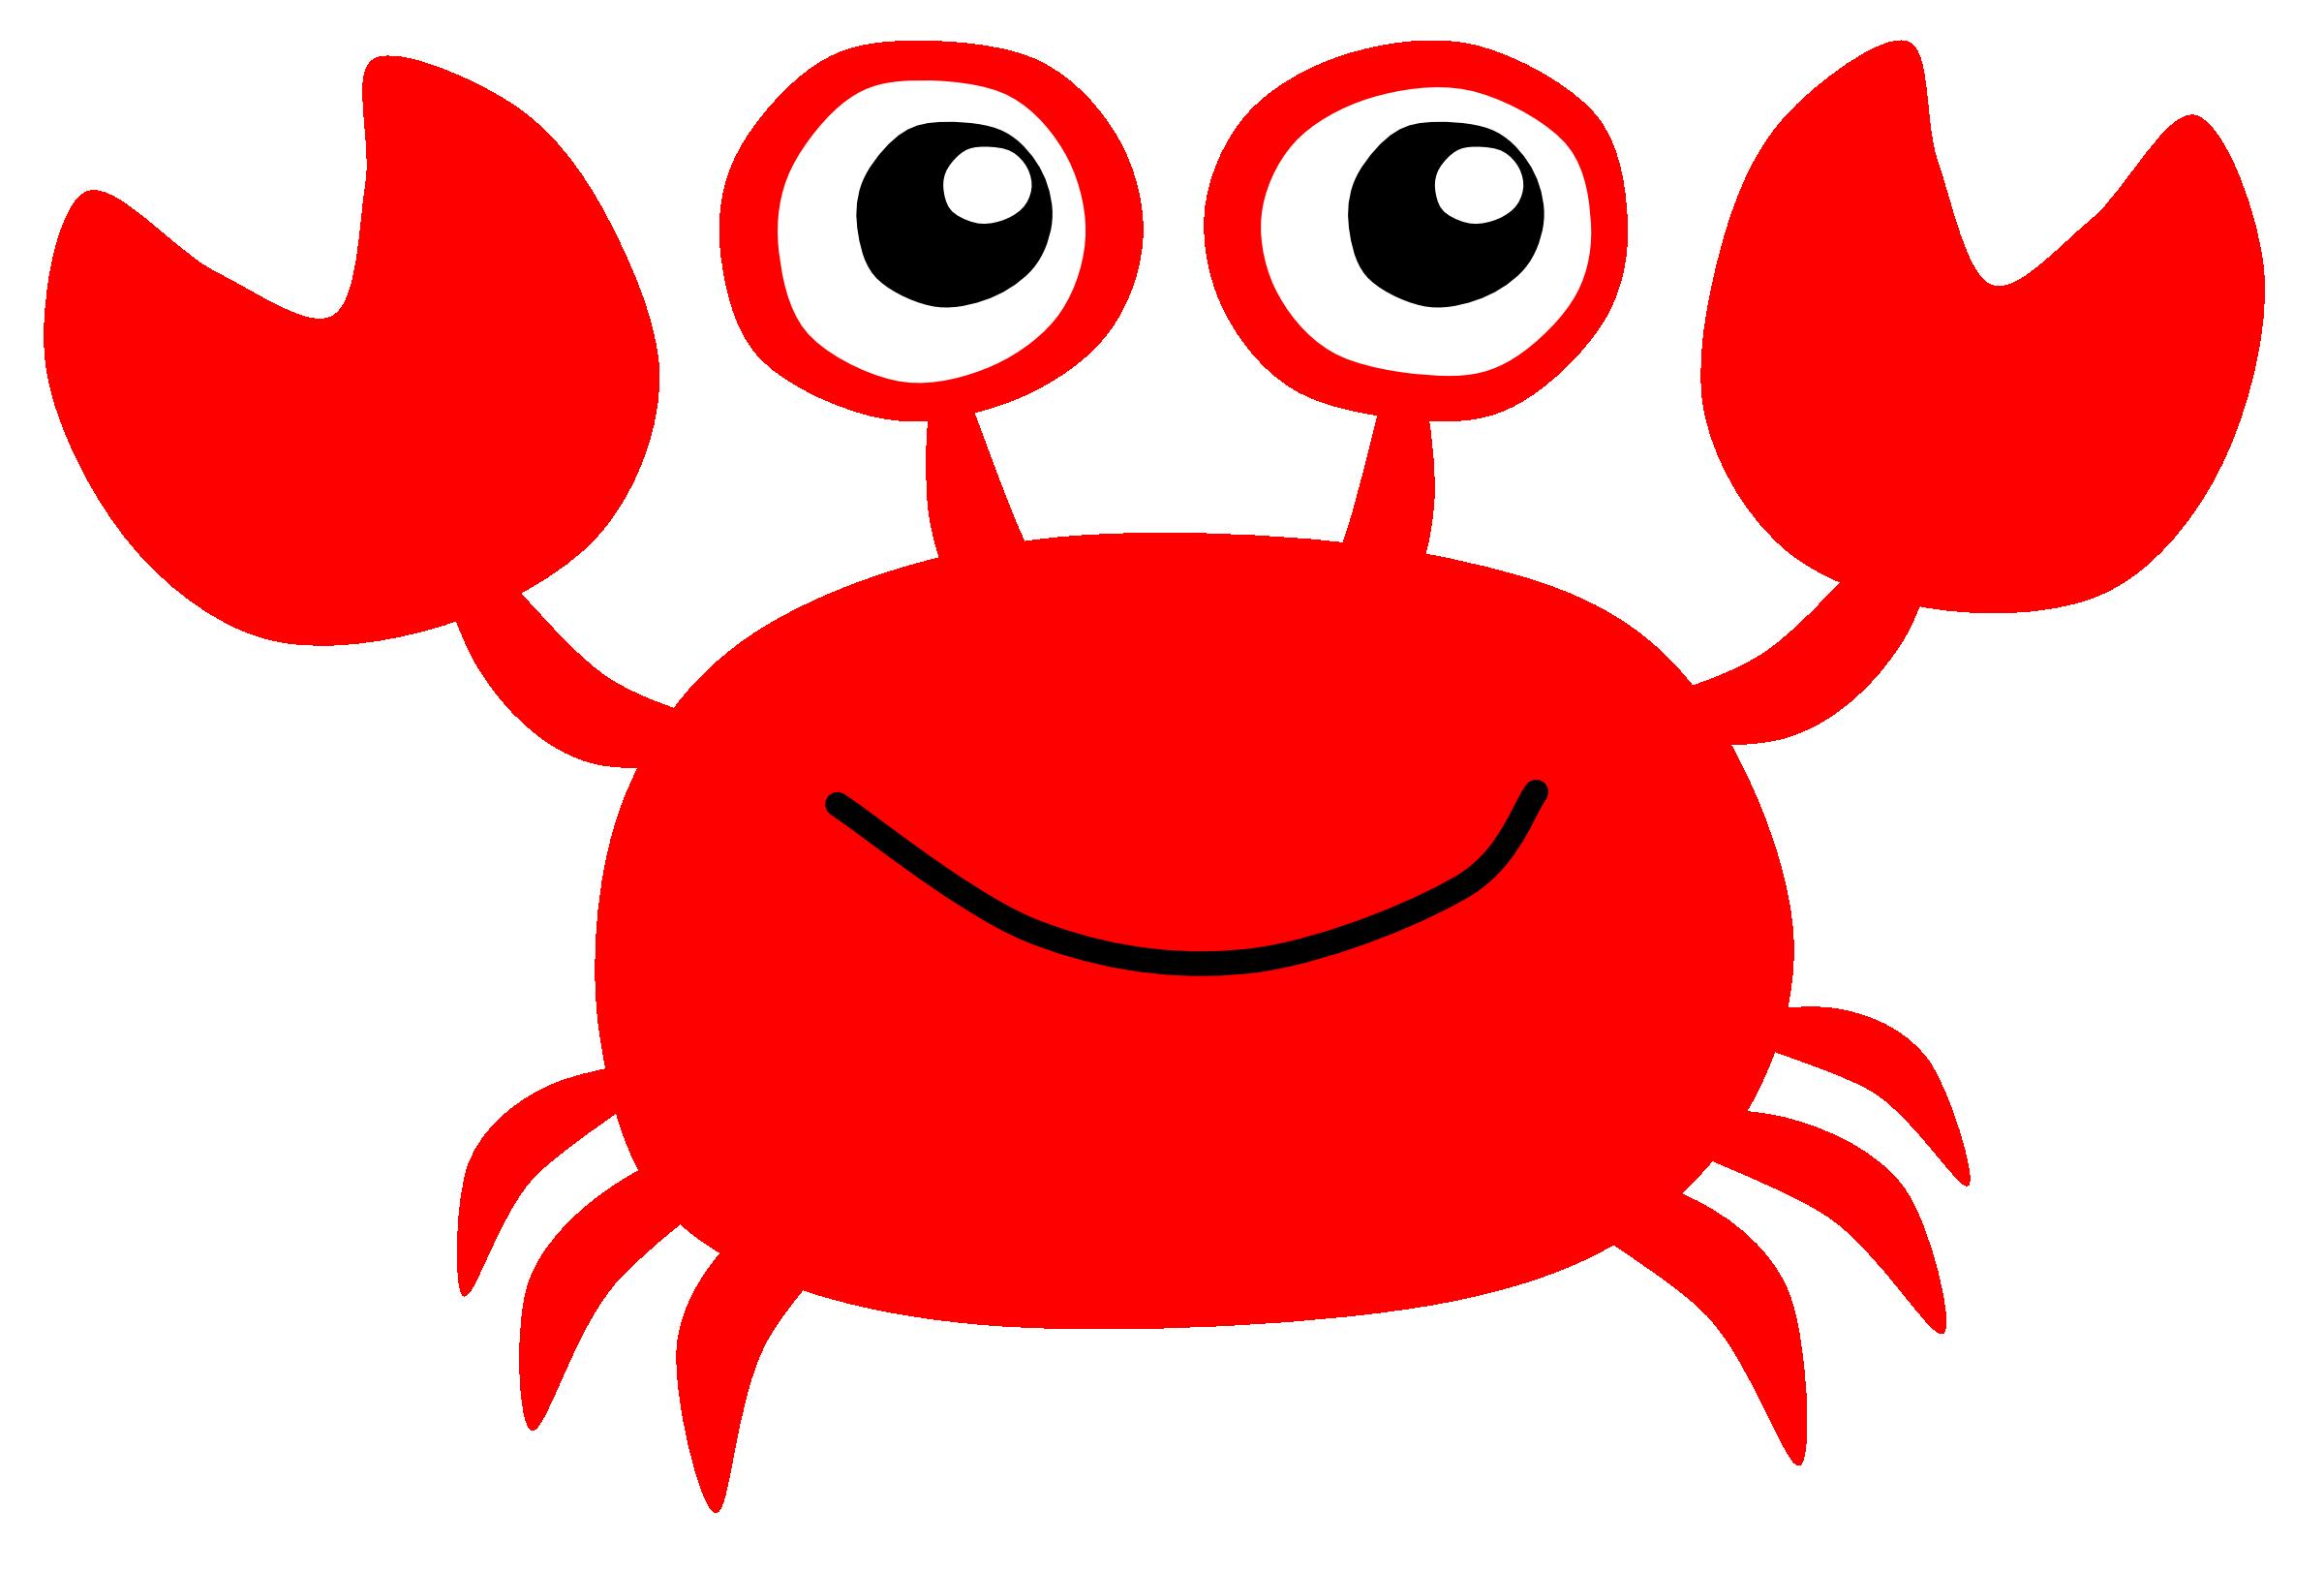 Related image arts crafts. Clipart octopus preschooler